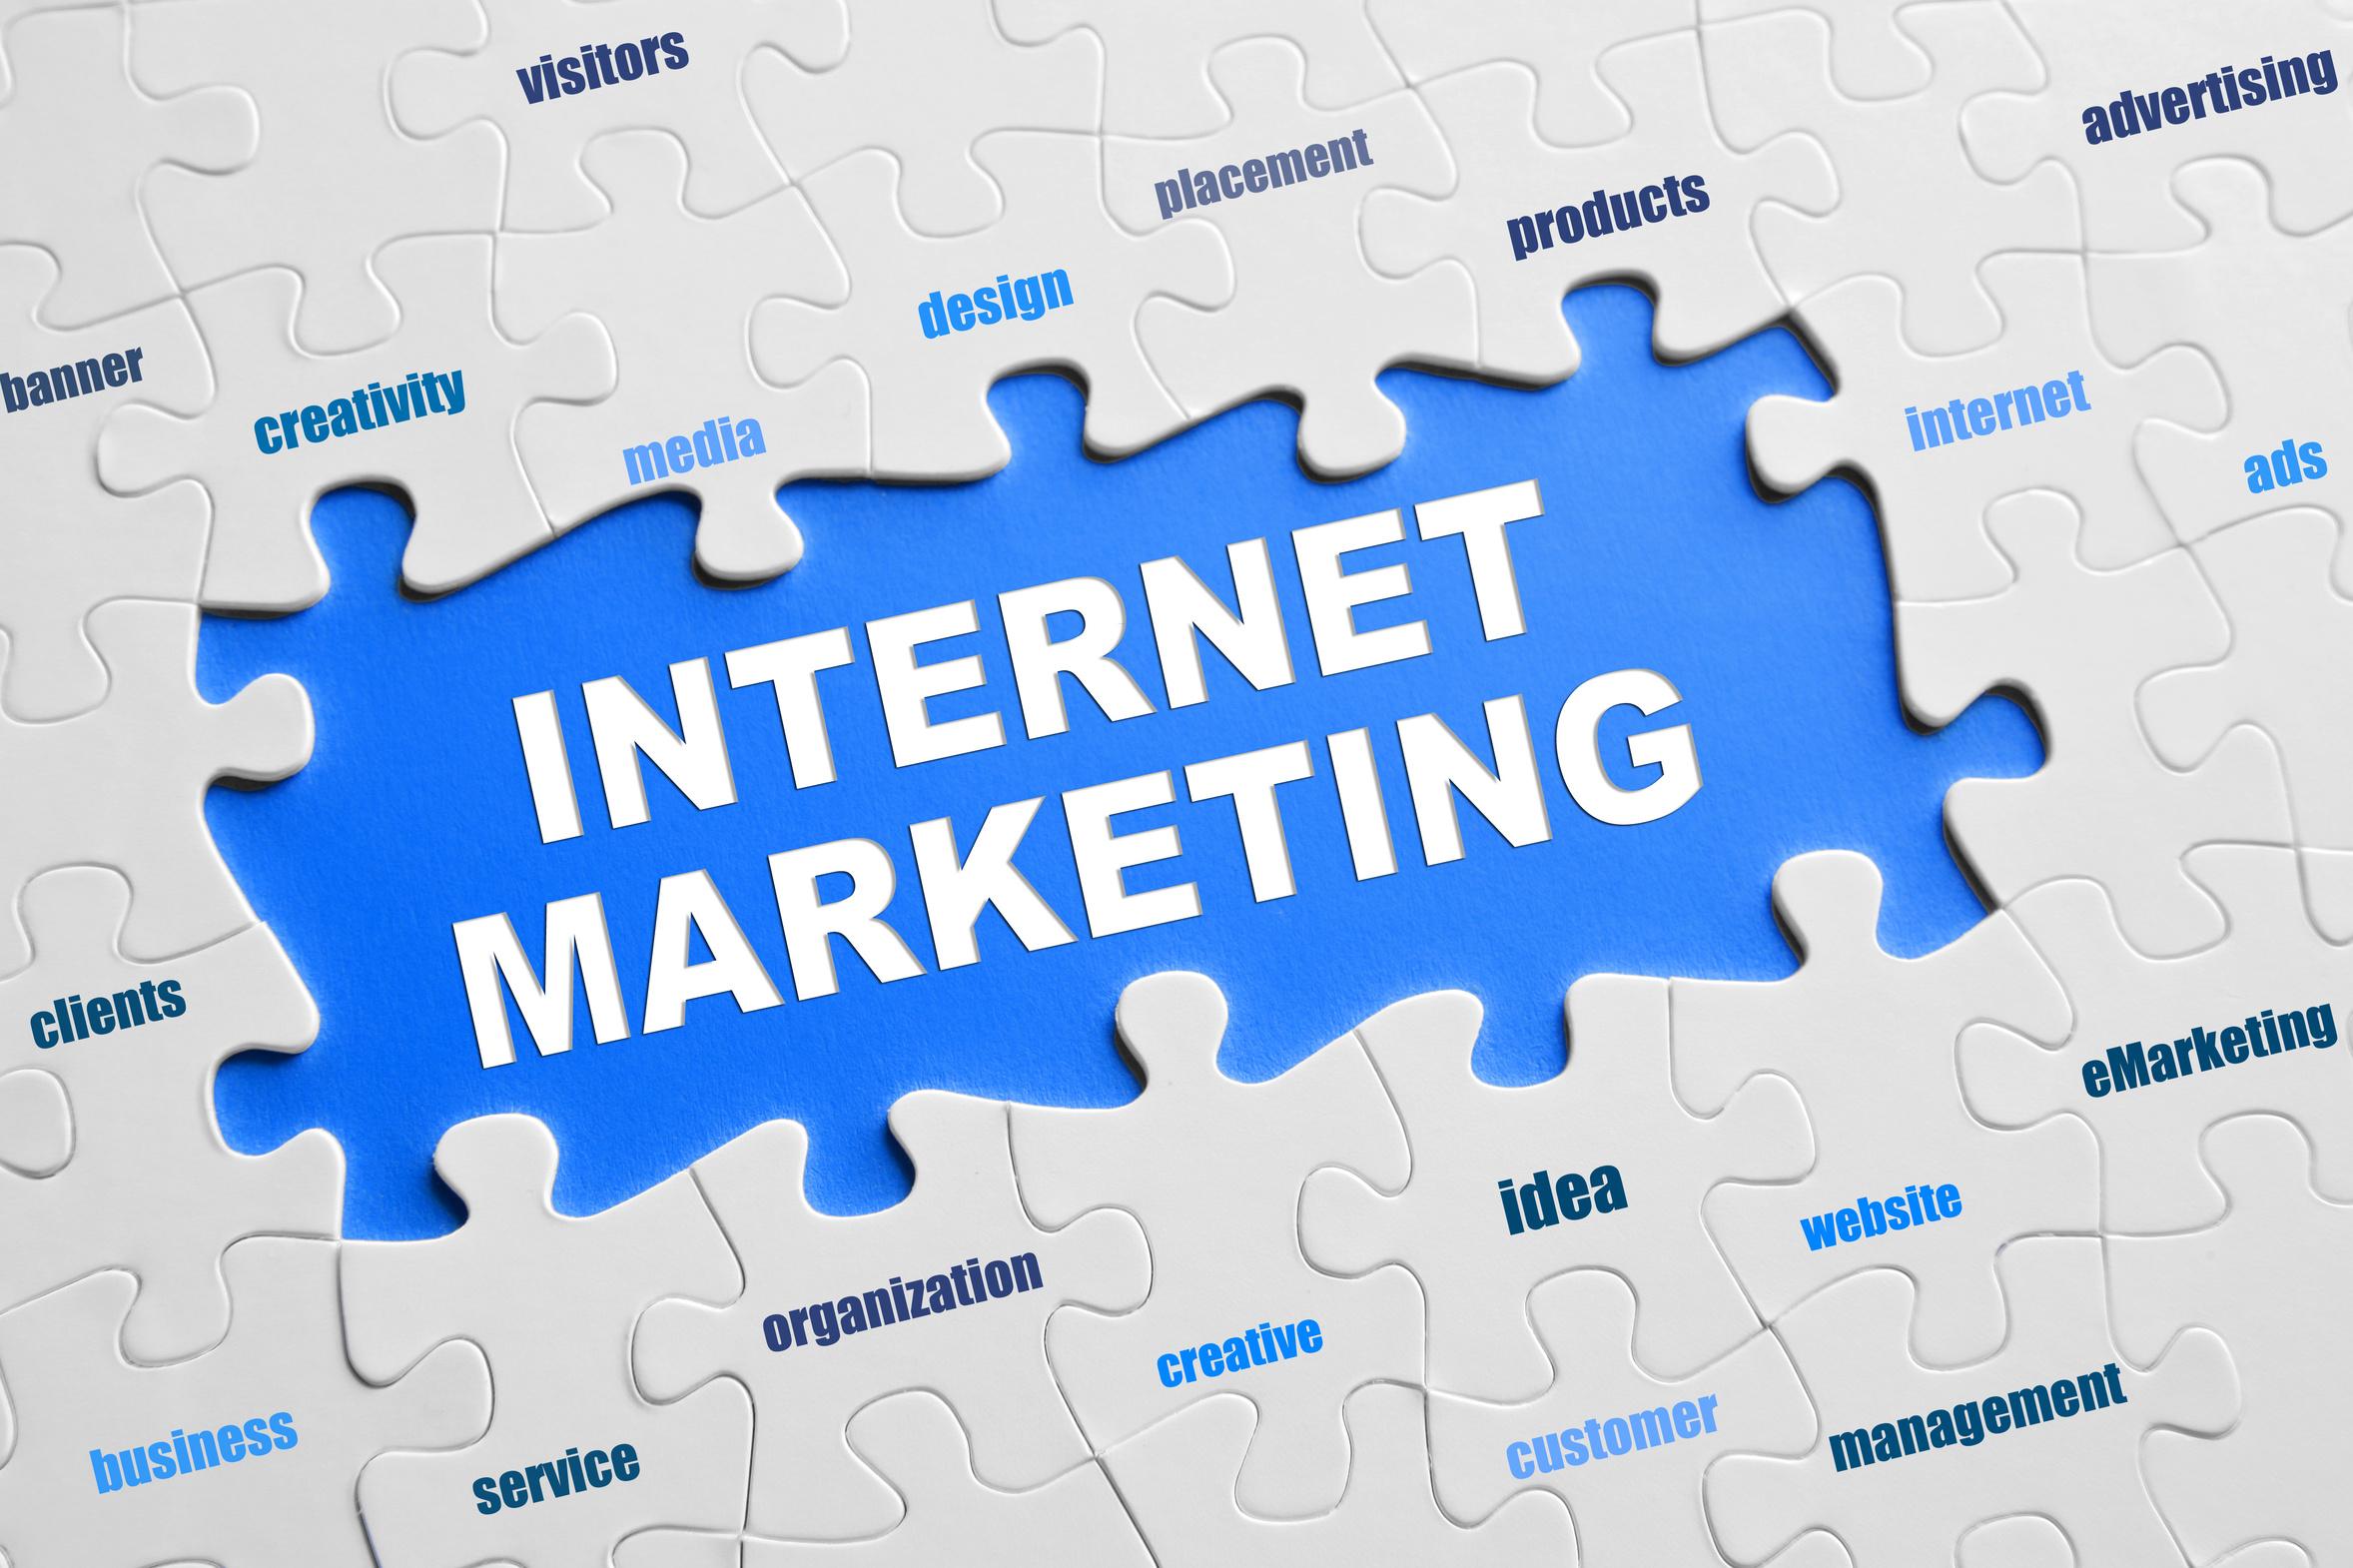 Société de marketing créatif pour une entreprise Internet